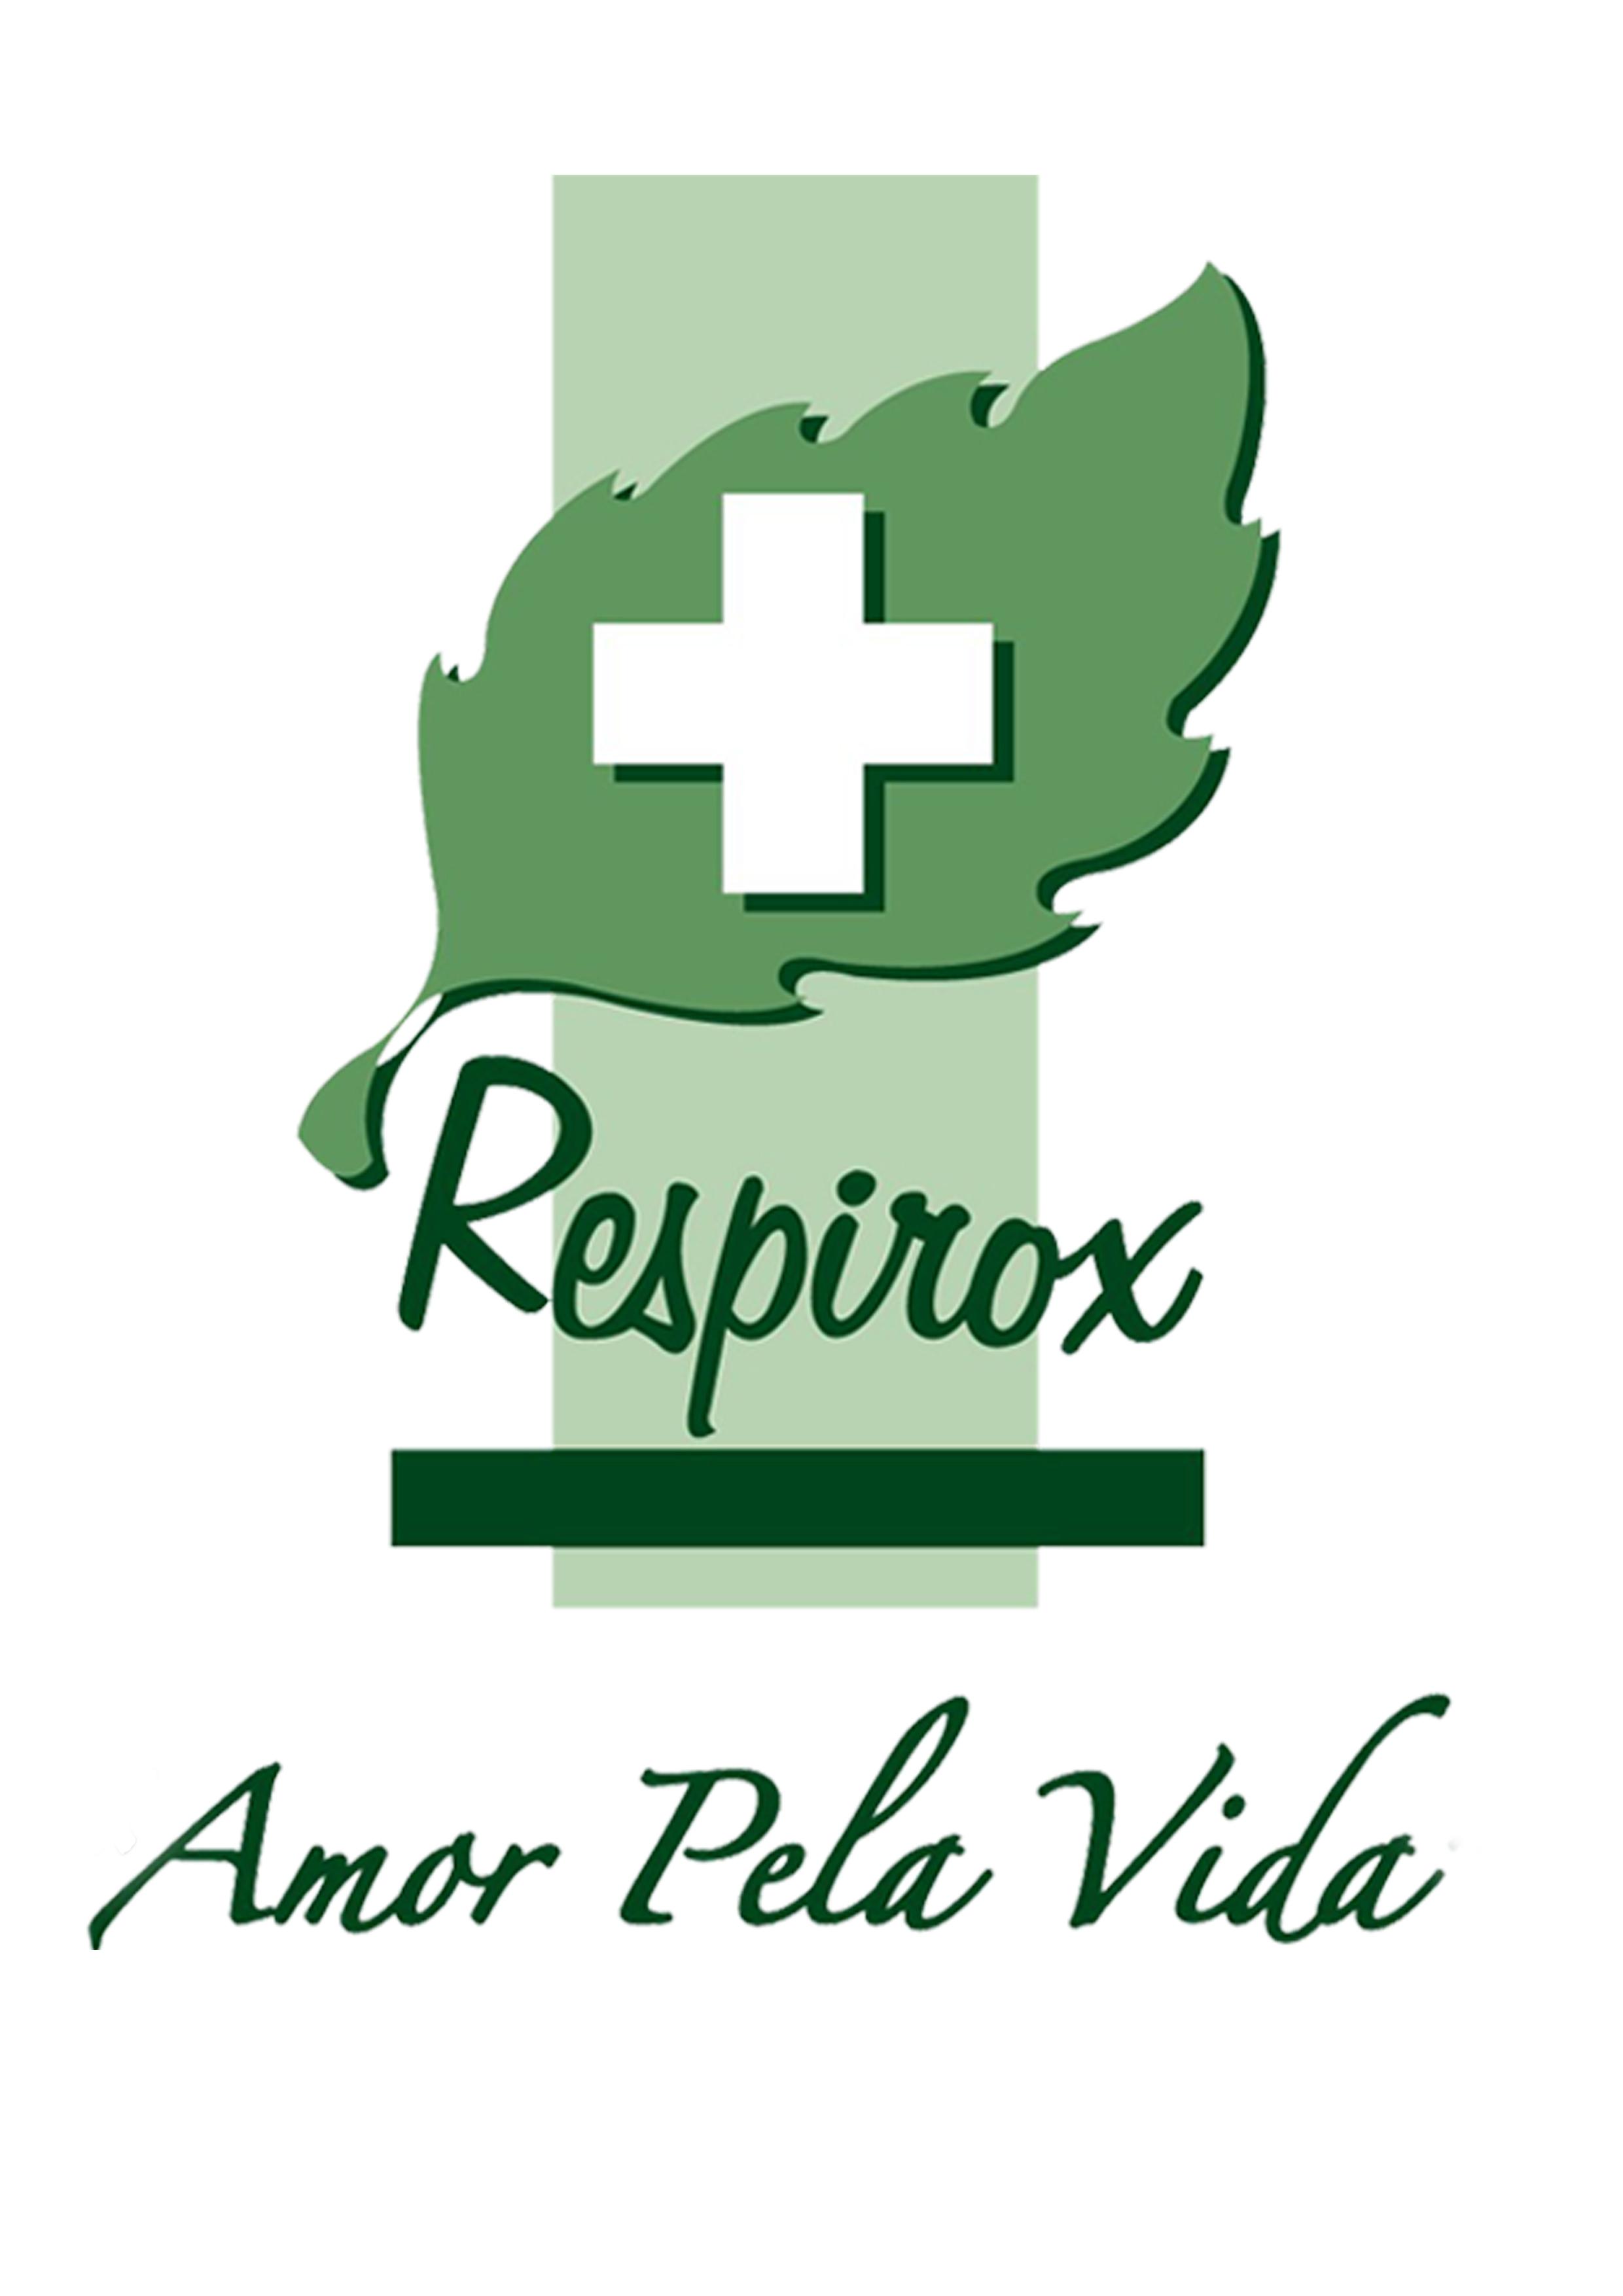 Respirox